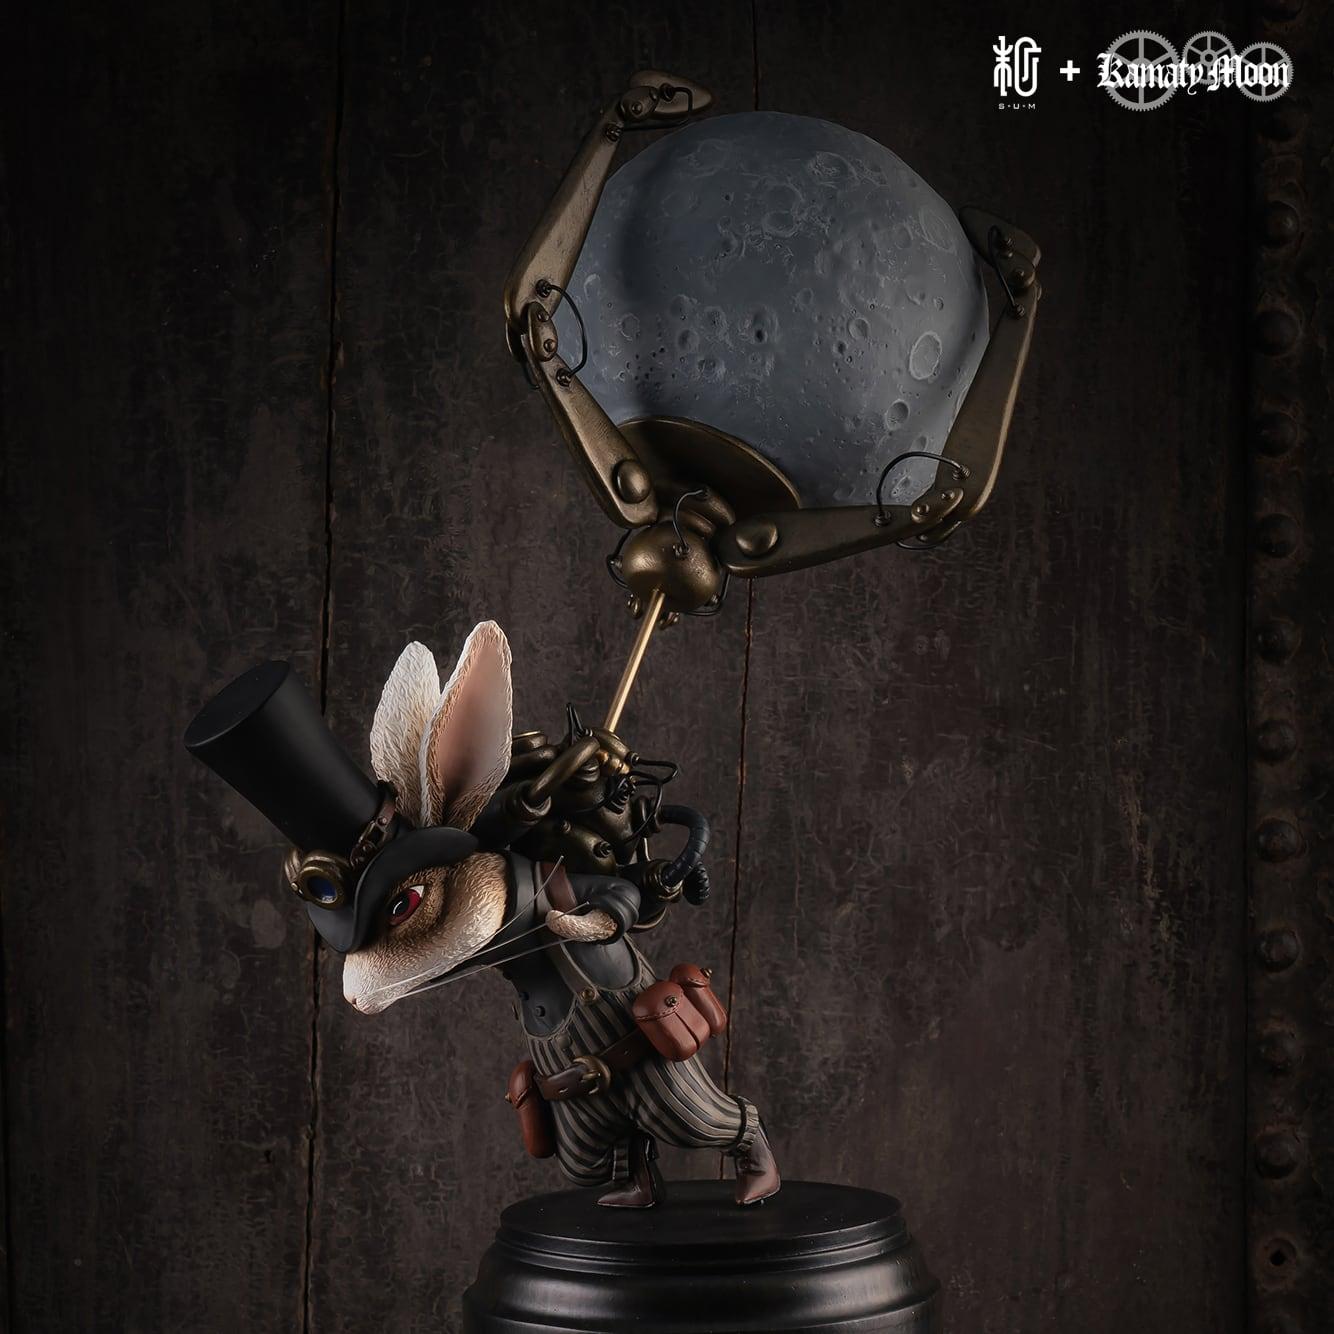 月を盗んだウサギ(Rabbit who stole the moon) 鎌田光司